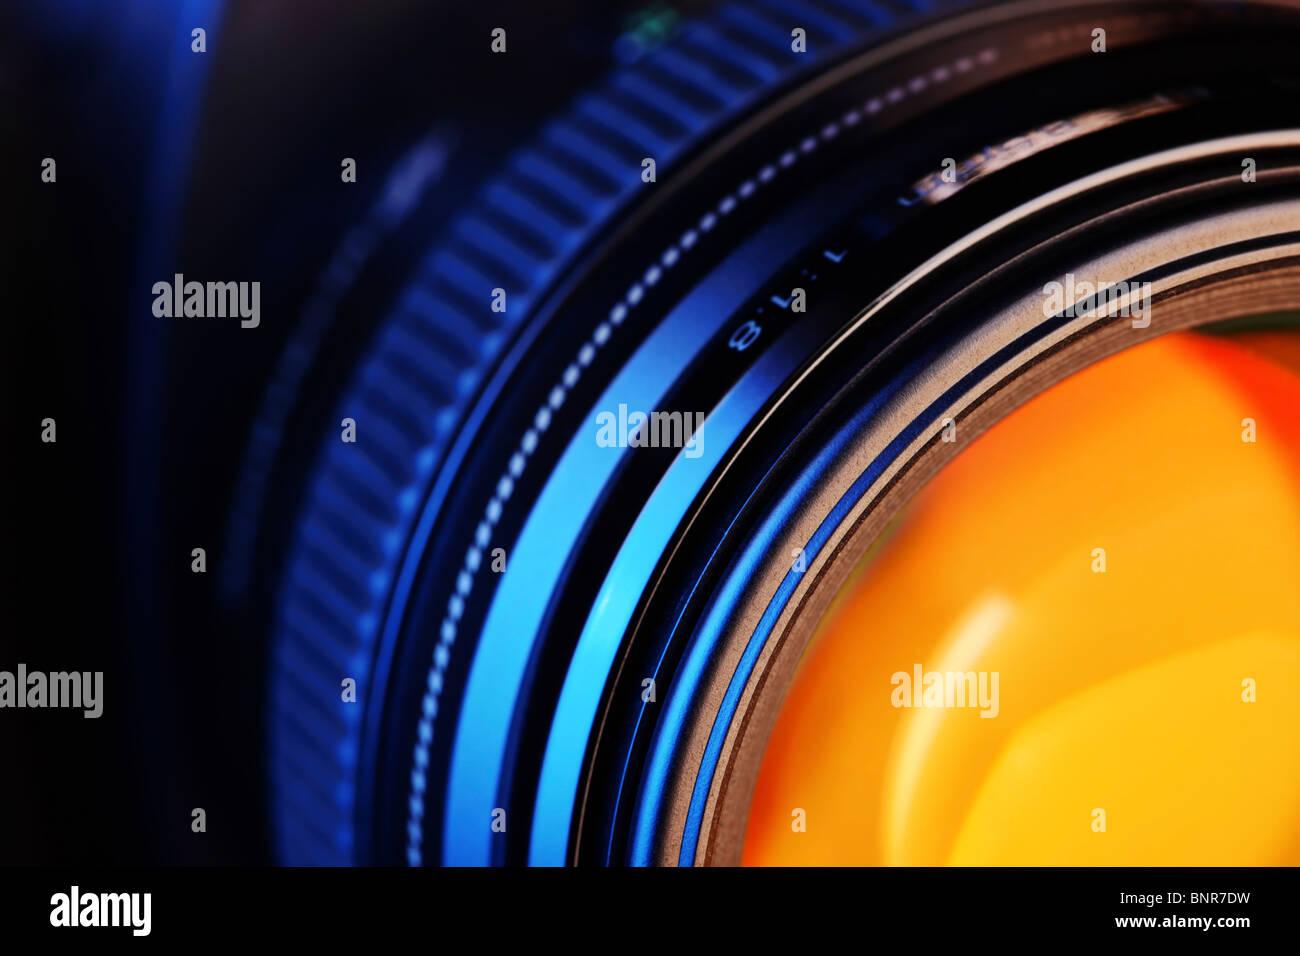 Close-up d'une caméra-objectif relié à un appareil photo numérique moderne Photo Stock